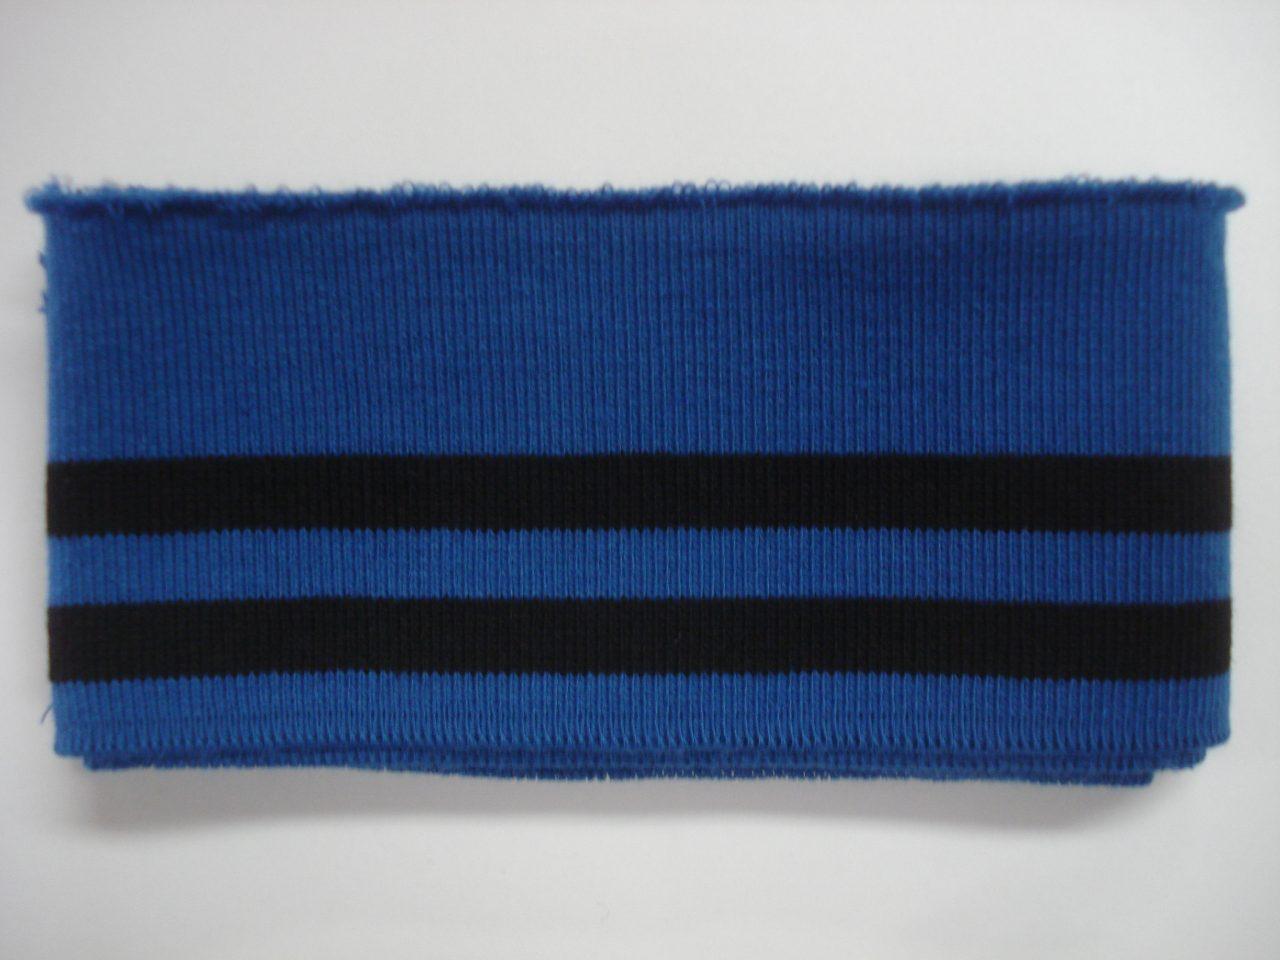 68a1d27a434 Katoenen boord gestreept blauw/zwart 6cm x 110cm